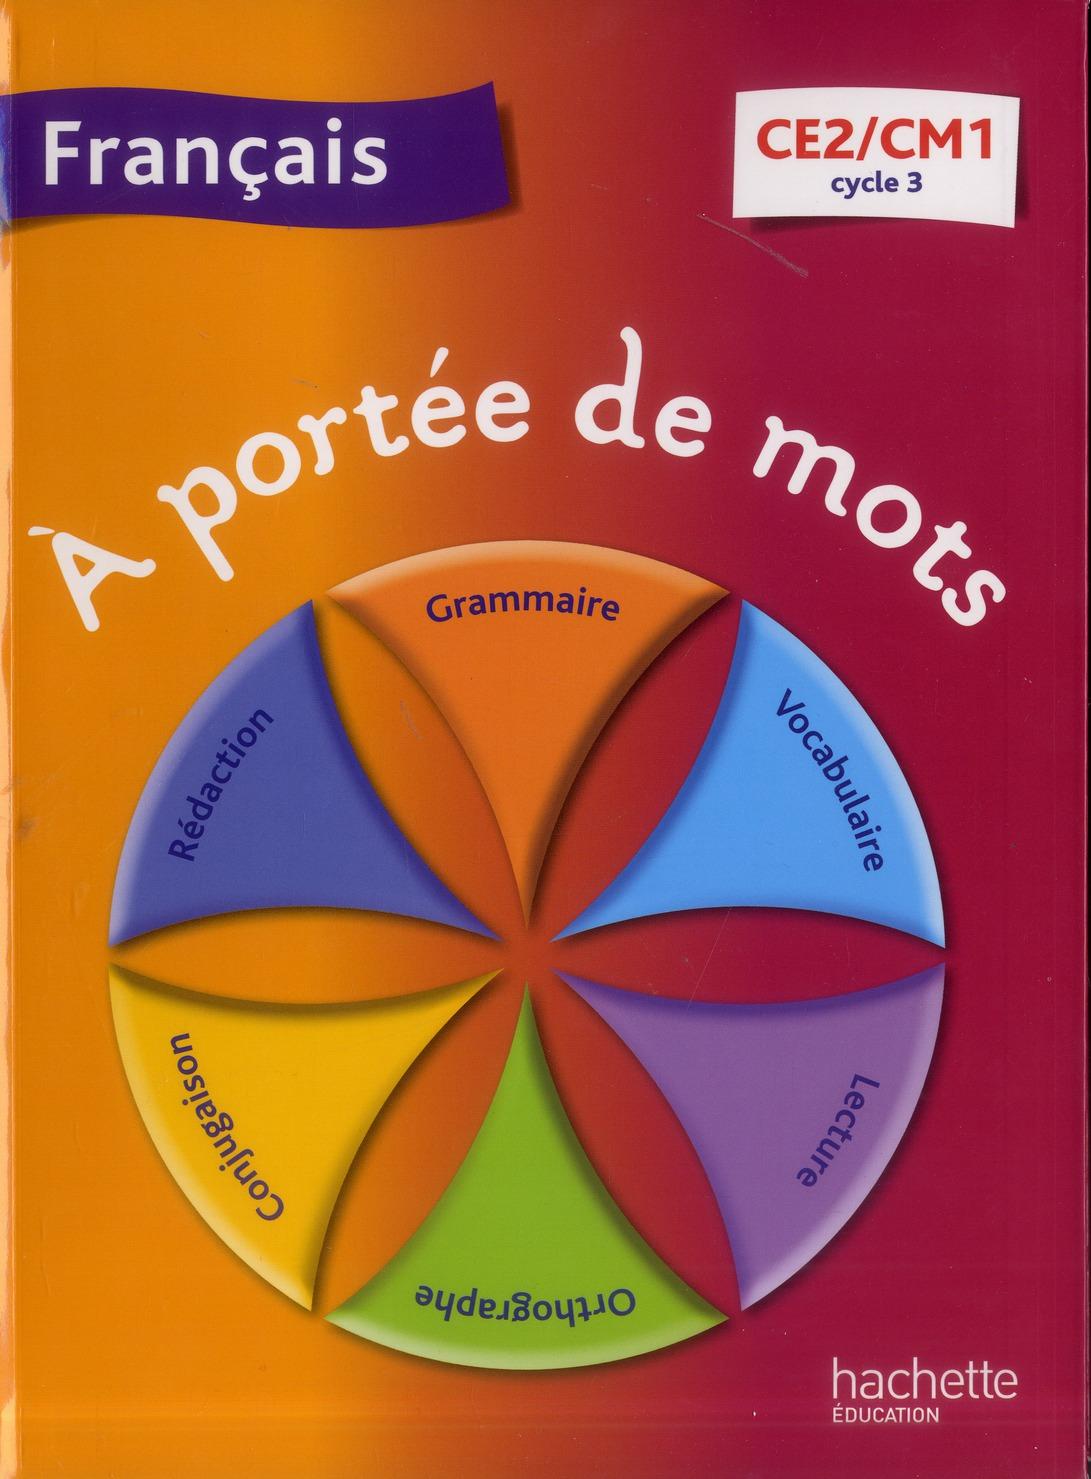 A Portee De Mots Francais Ce2 Cm1 Cycle 3 Livre De L Eleve Jean Claude Lucas Janine Leclec H Lucas Hachette Education Grand Format